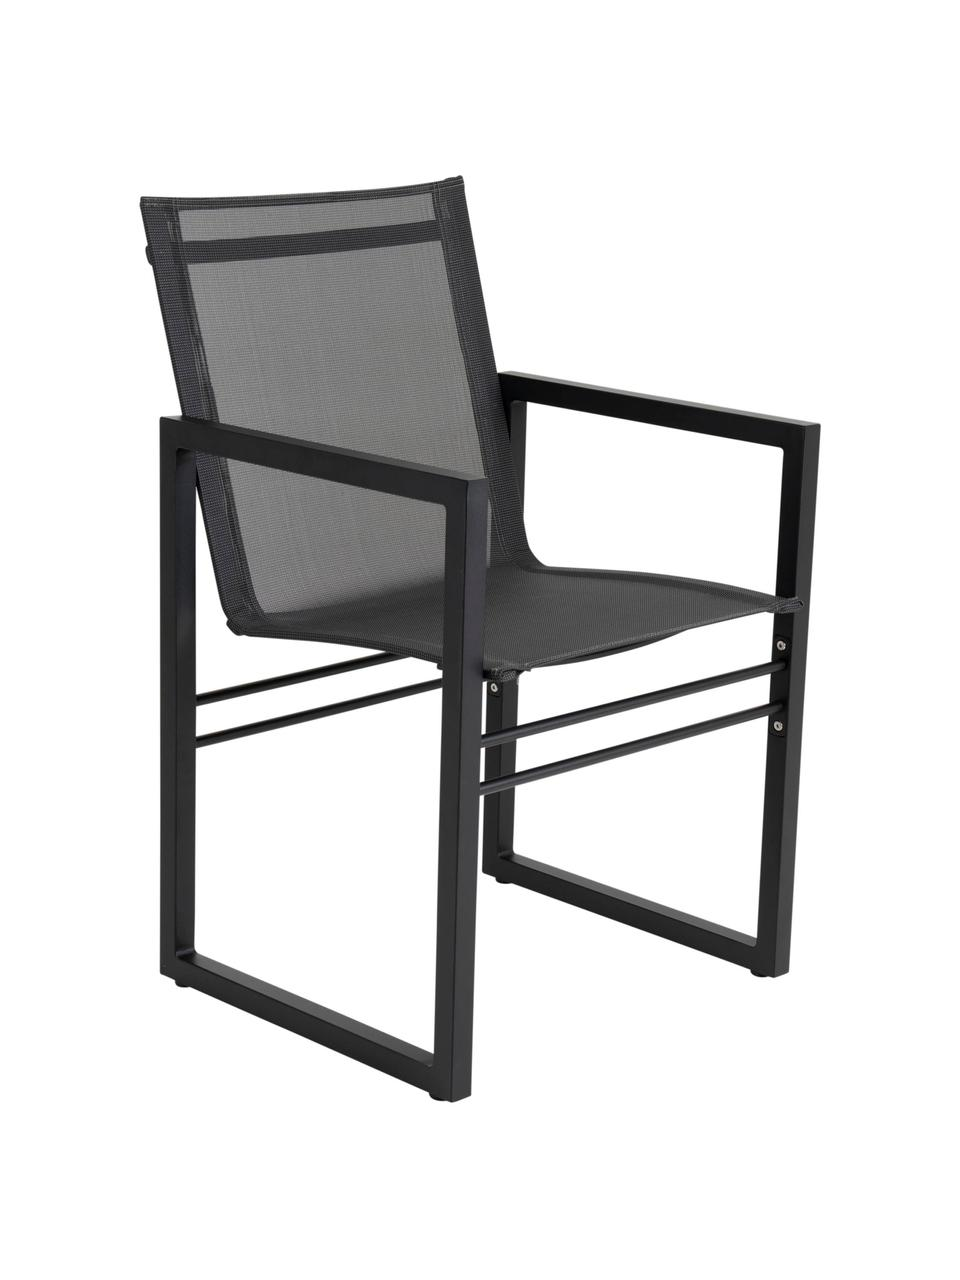 Gartenstuhl Vevi in Schwarz, Gestell: Aluminium, pulverbeschich, Sitzfläche: Textilene, Schwarz, B 57 x T 54 cm